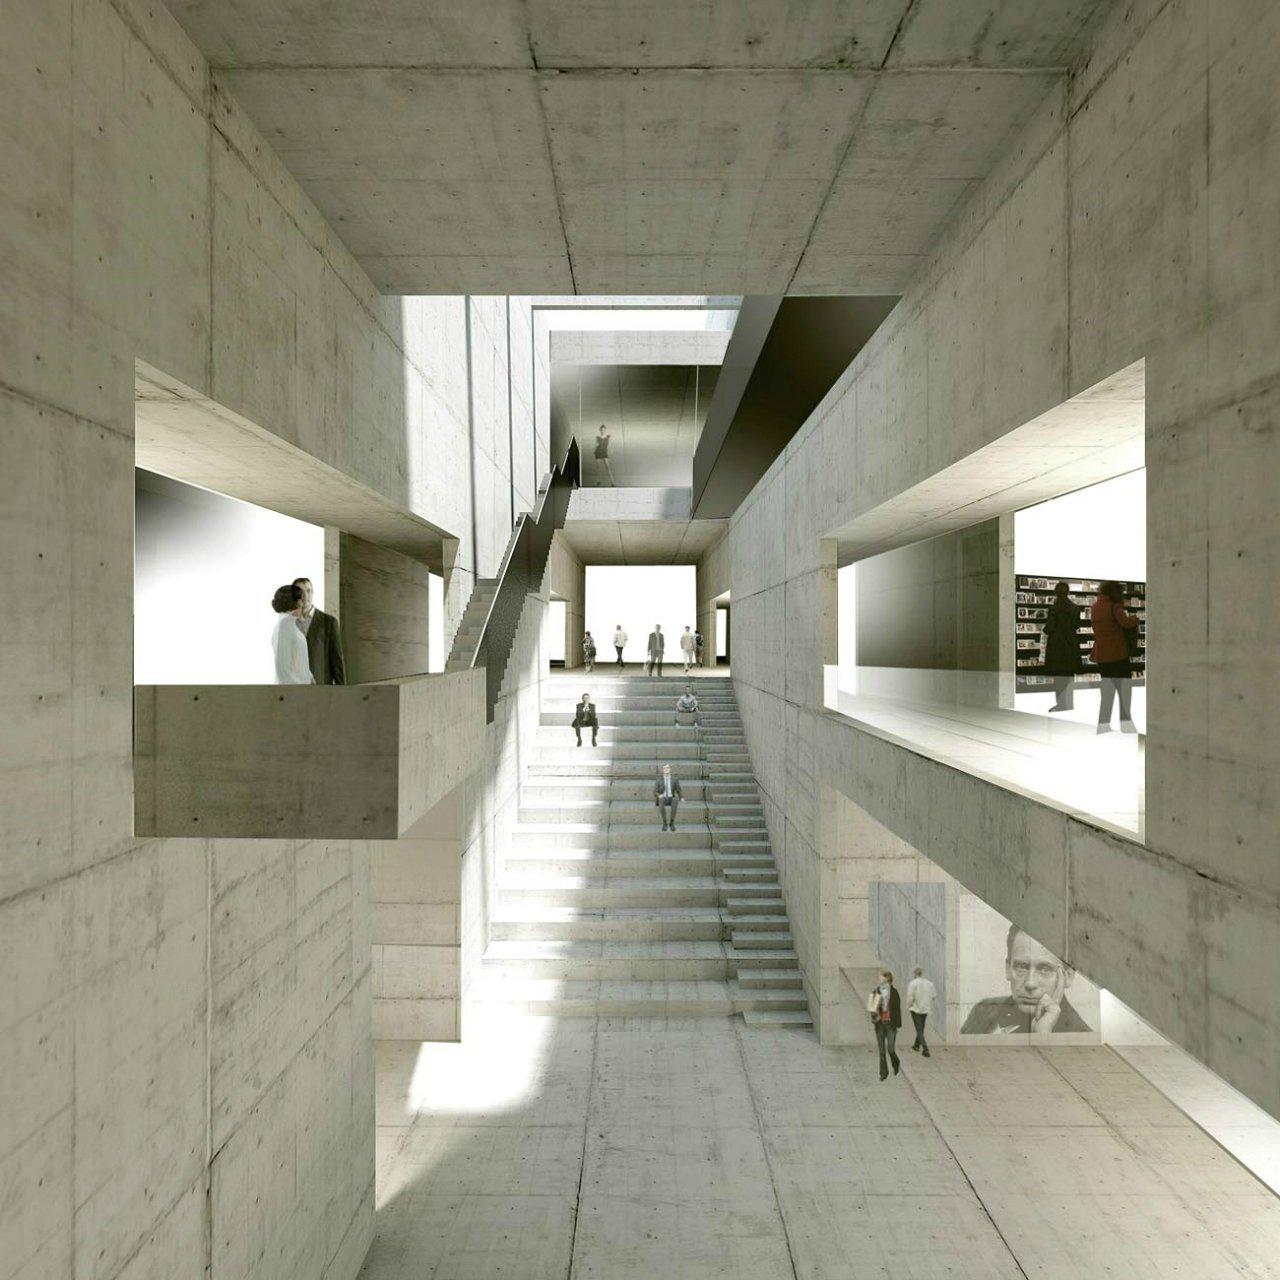 Gallery of new bauhaus museum architekten hrk 2 for Innenarchitektur weimar